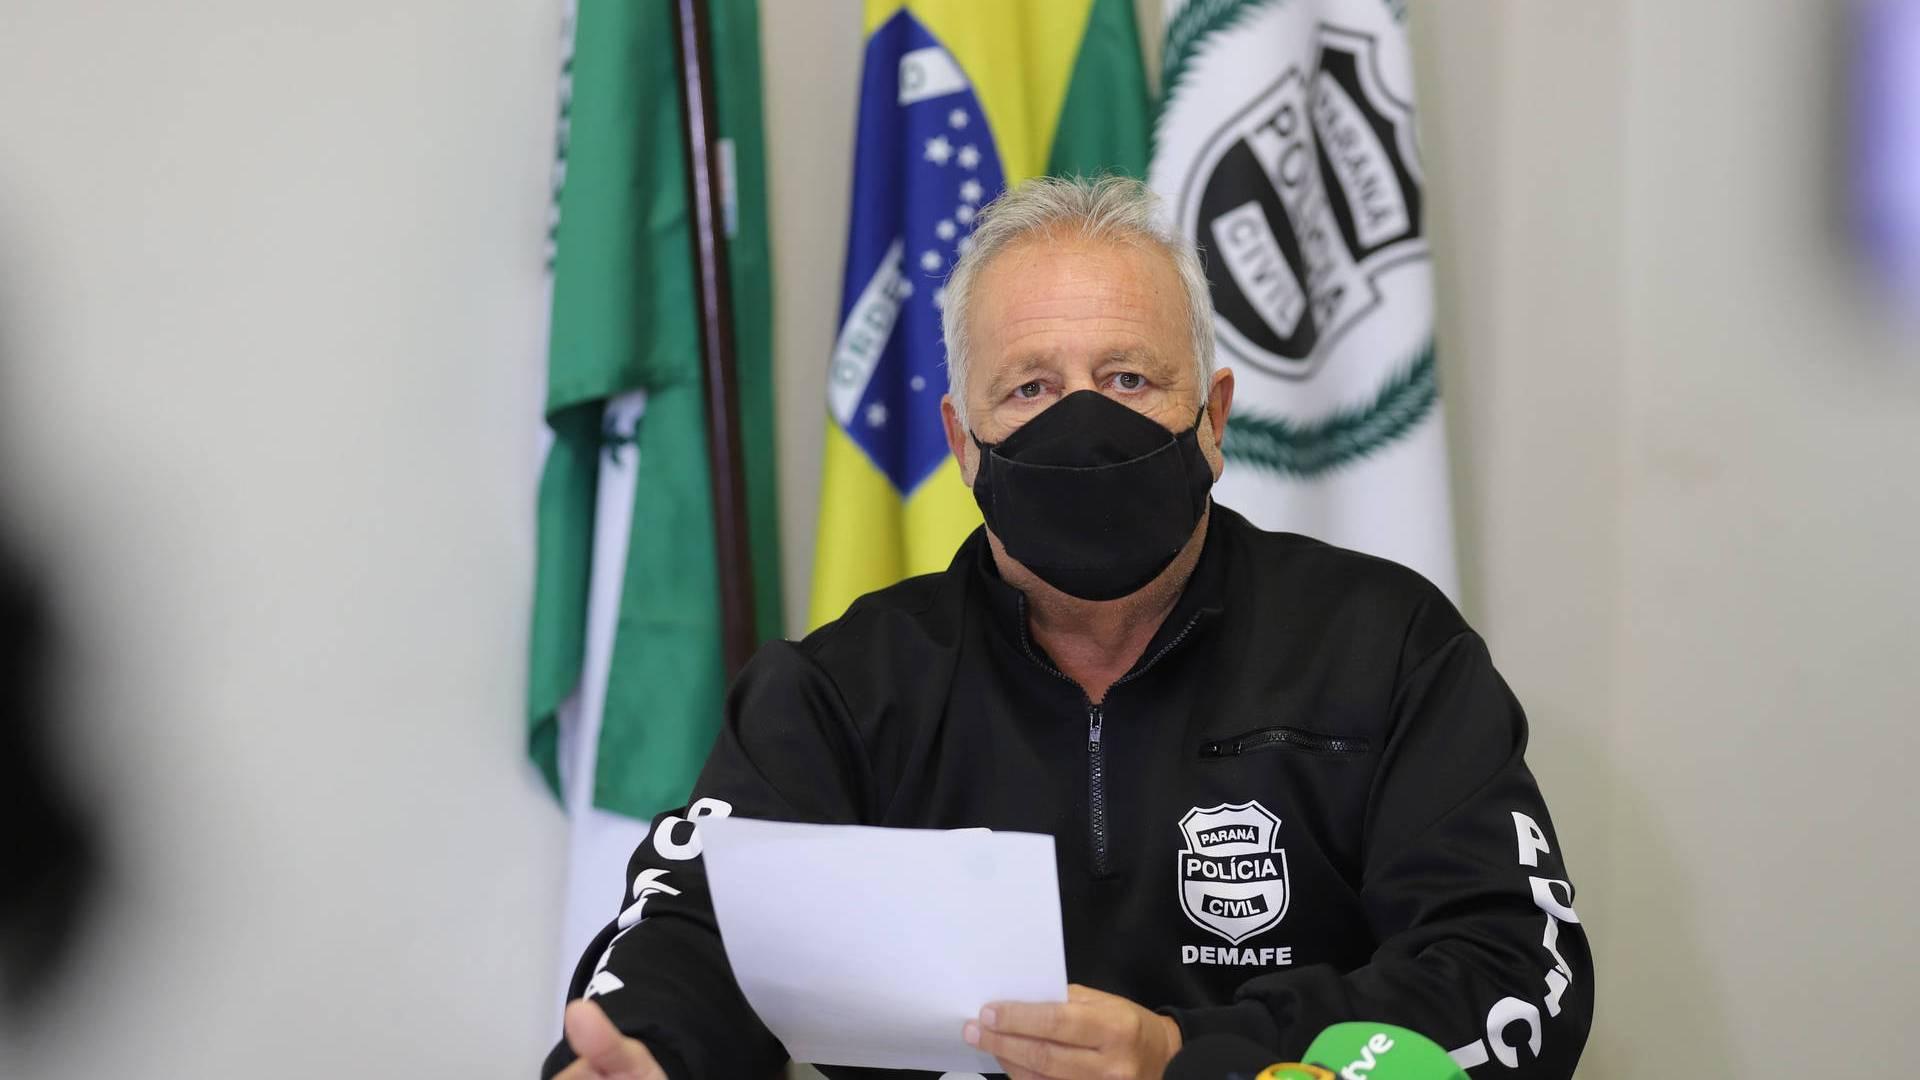 PCPR investiga falsificação de testes de coronavírus por clube de futebol do Oeste